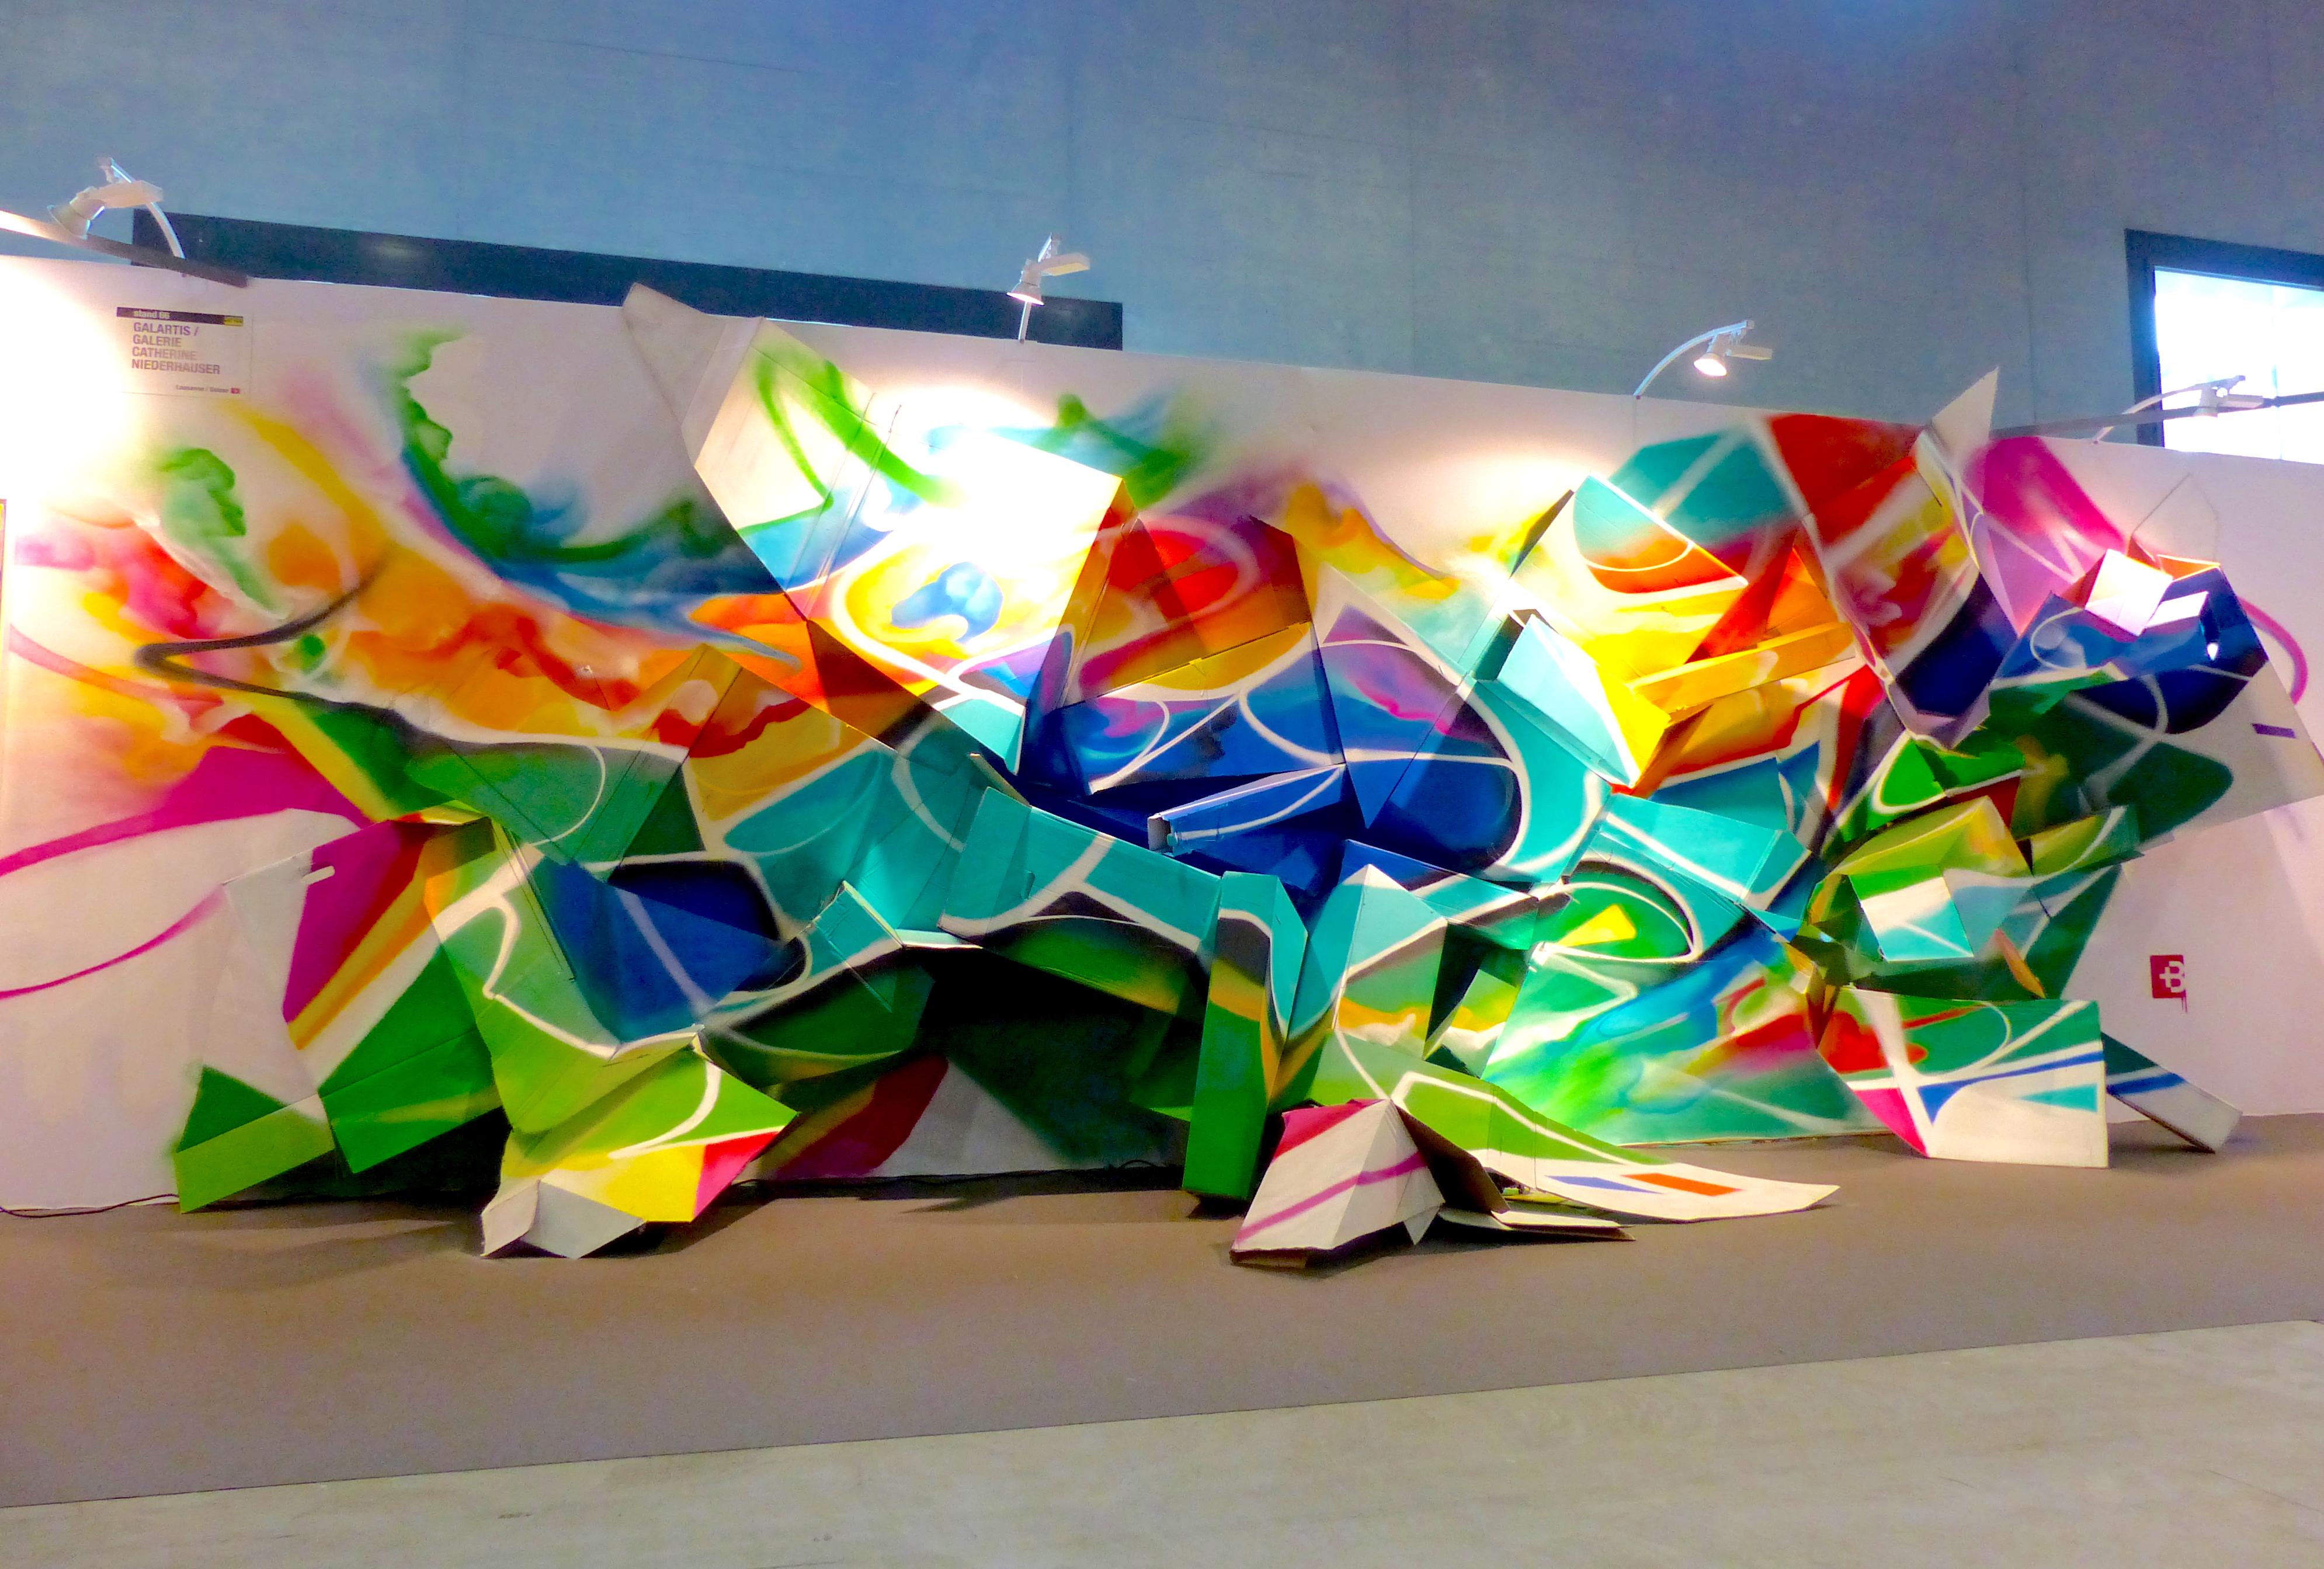 3d graffiti installation in lausanne art fair